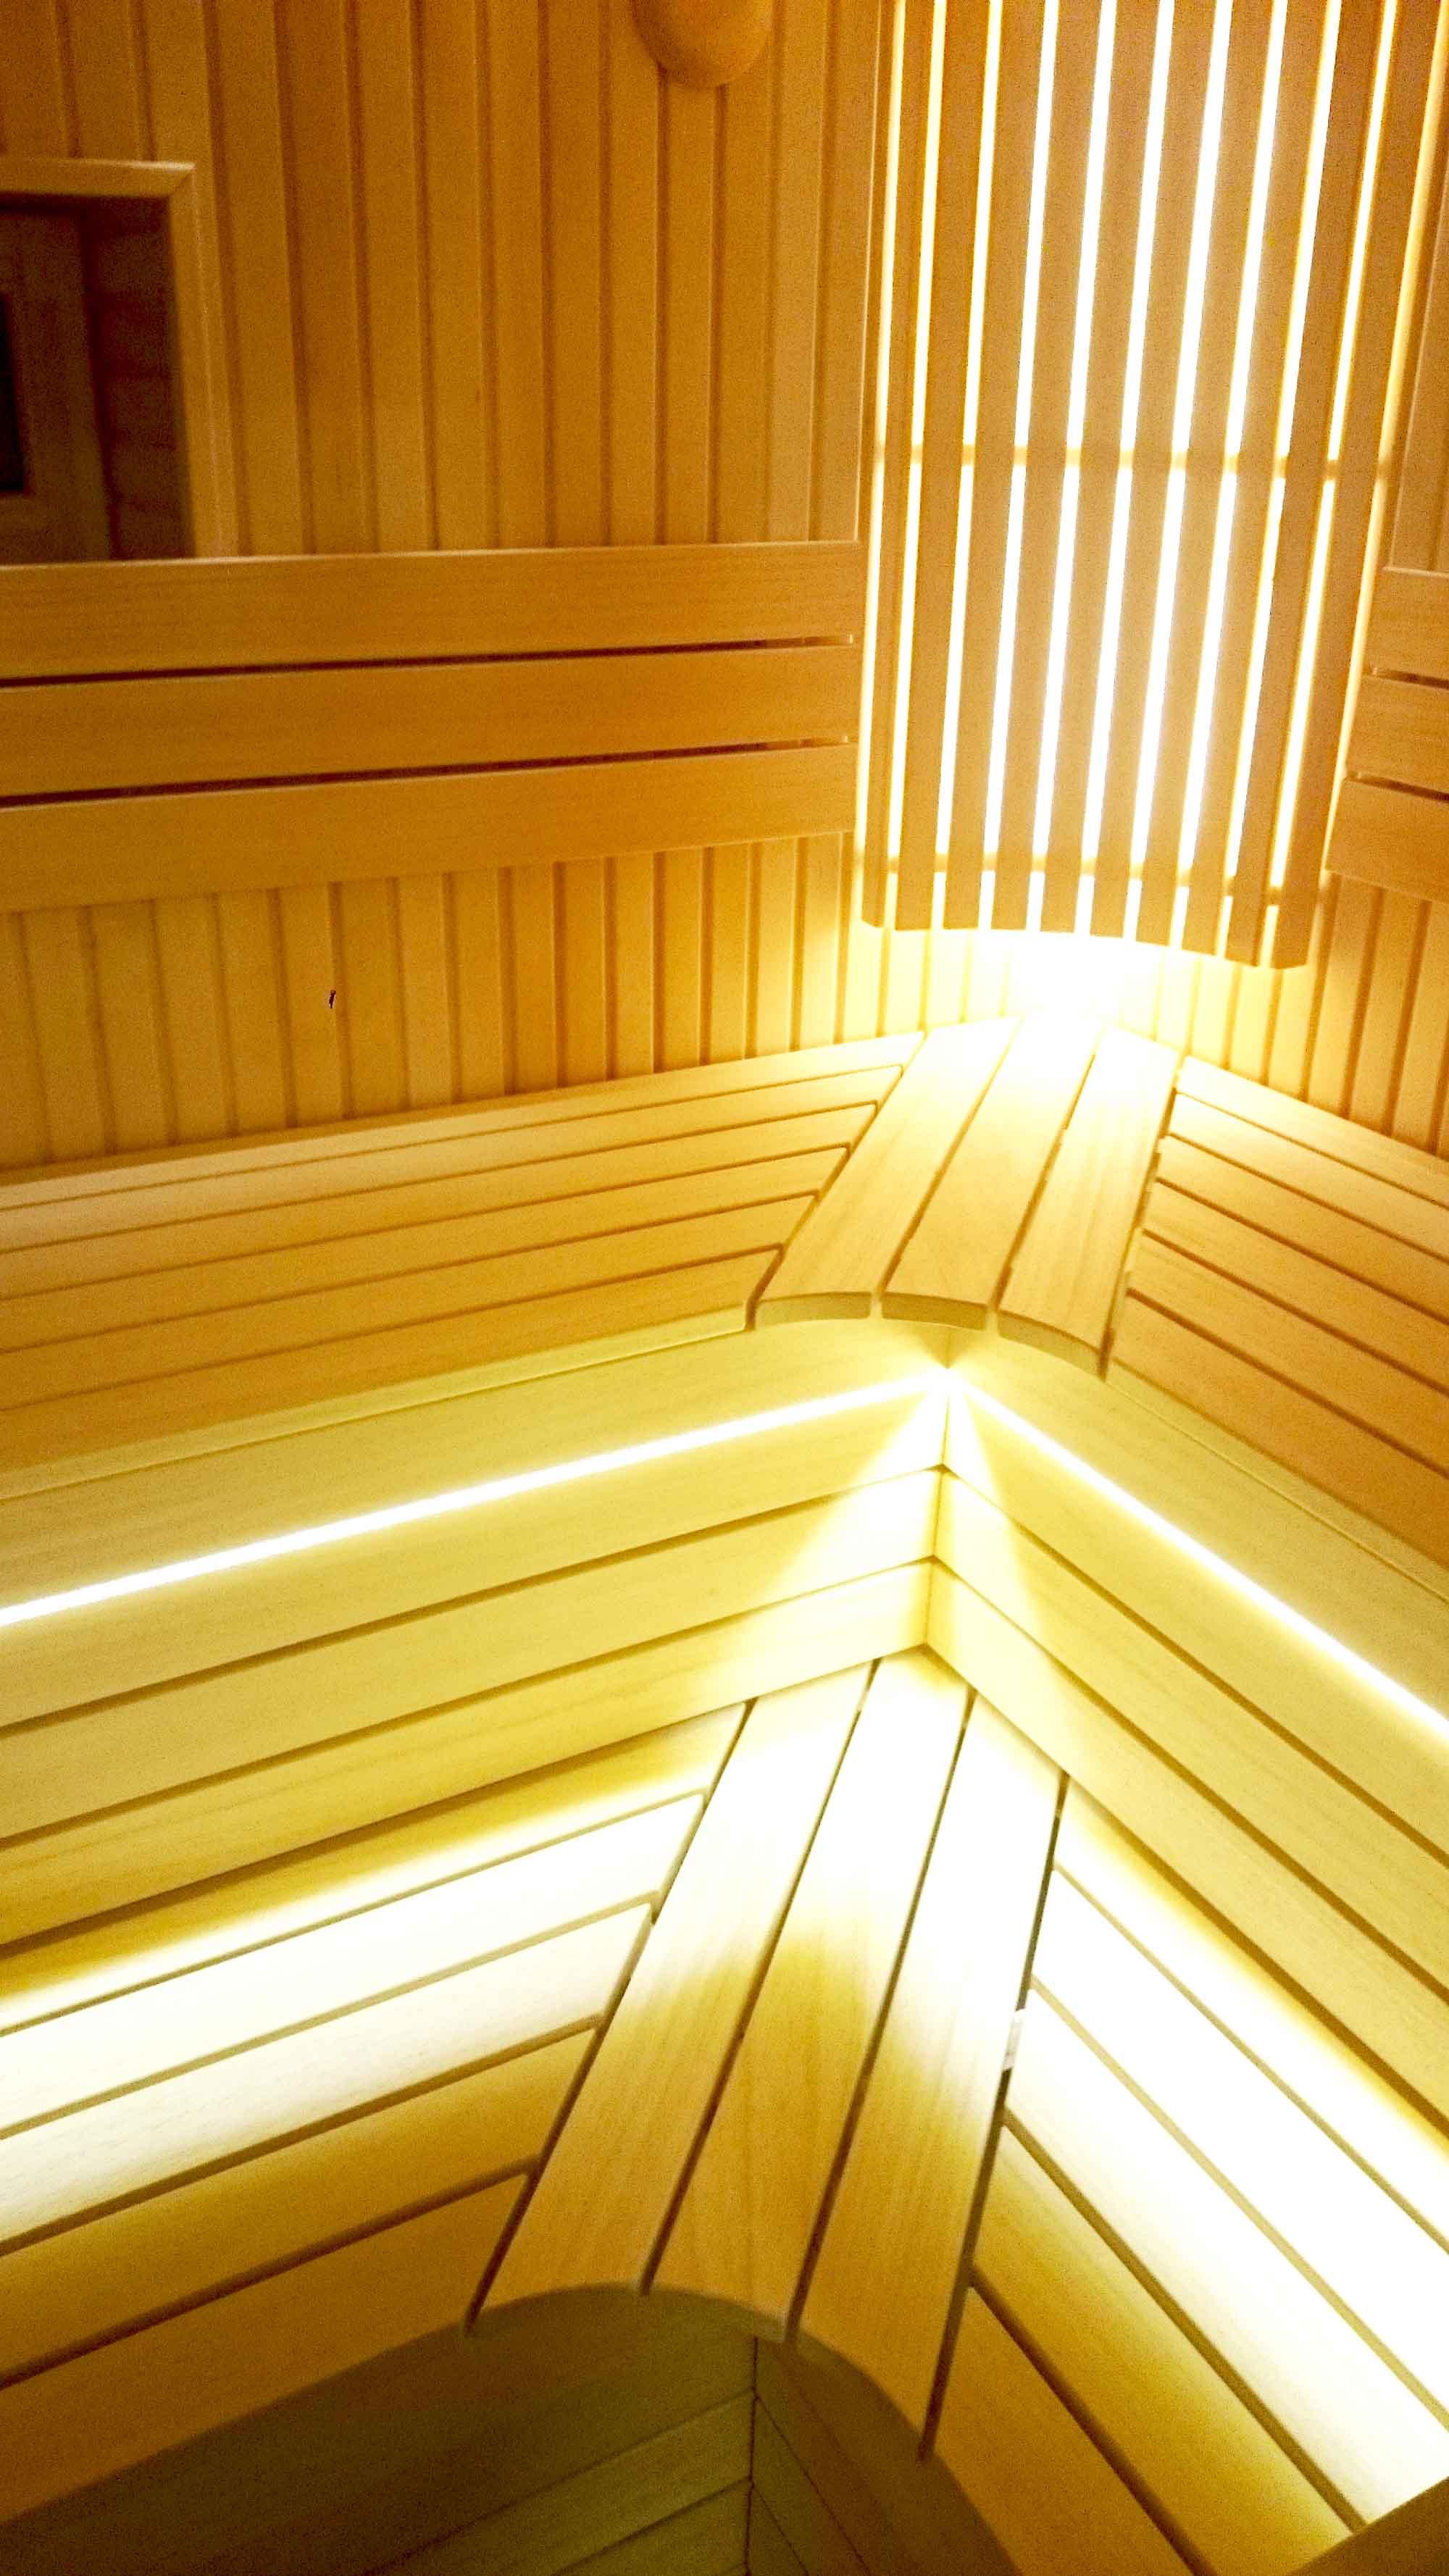 Comment Faire Fonctionner Un Sauna sauna: avantages pour la santé, risques et prévention